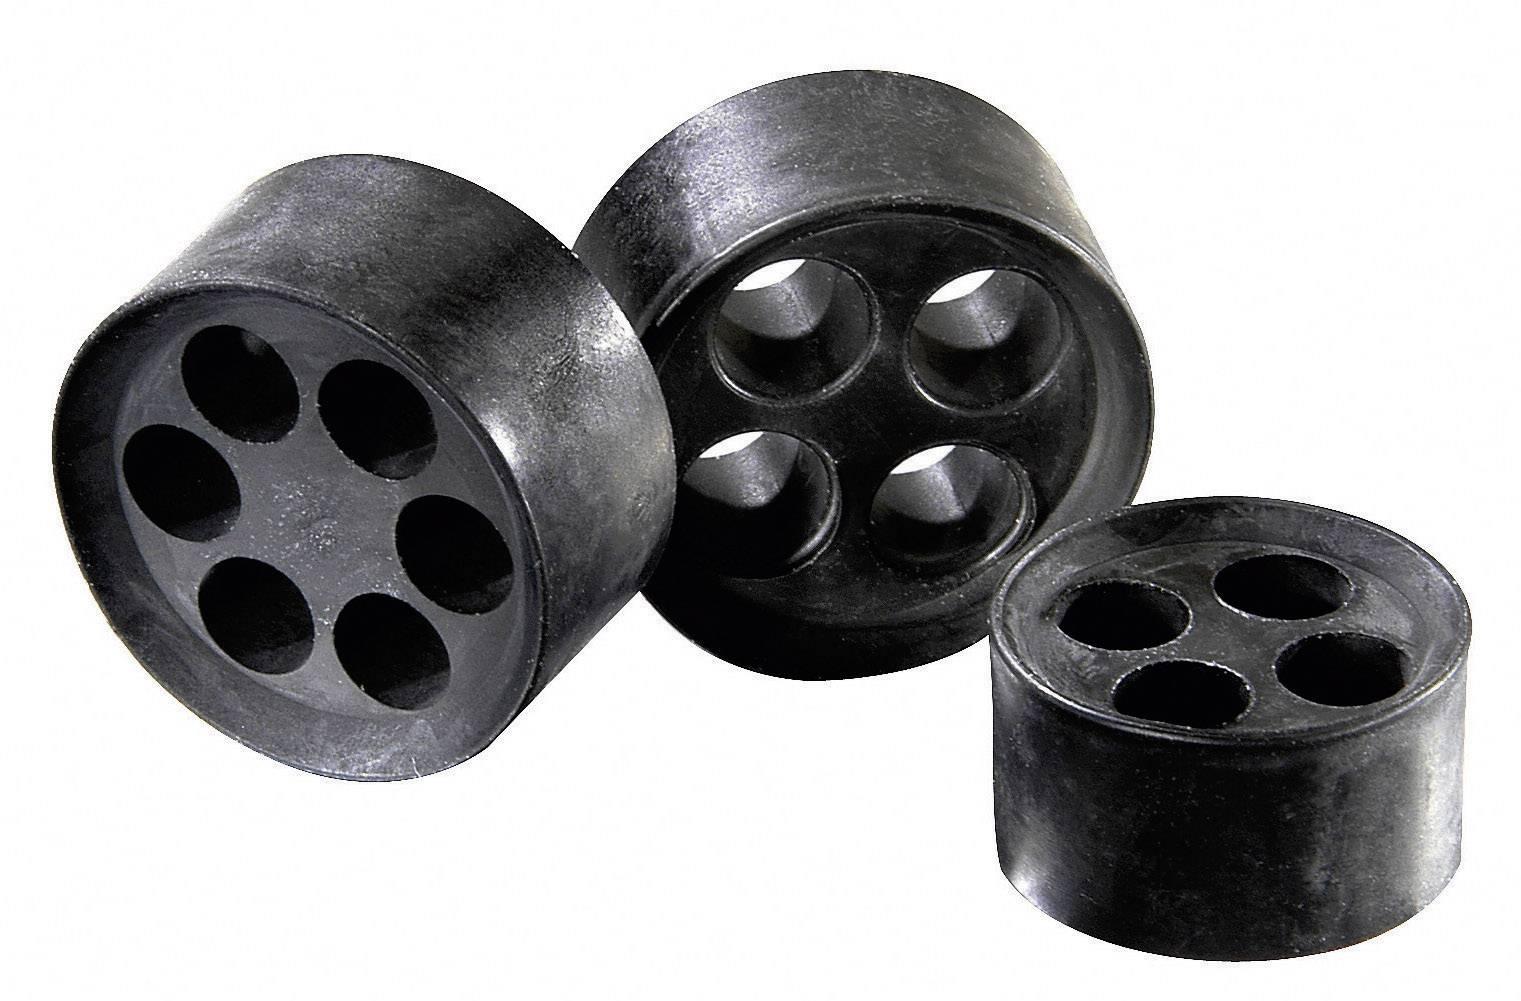 Těsnicí vložka M32 Wiska MFD 32/03/080 (10101018), IP66, M32, elastomer, černá